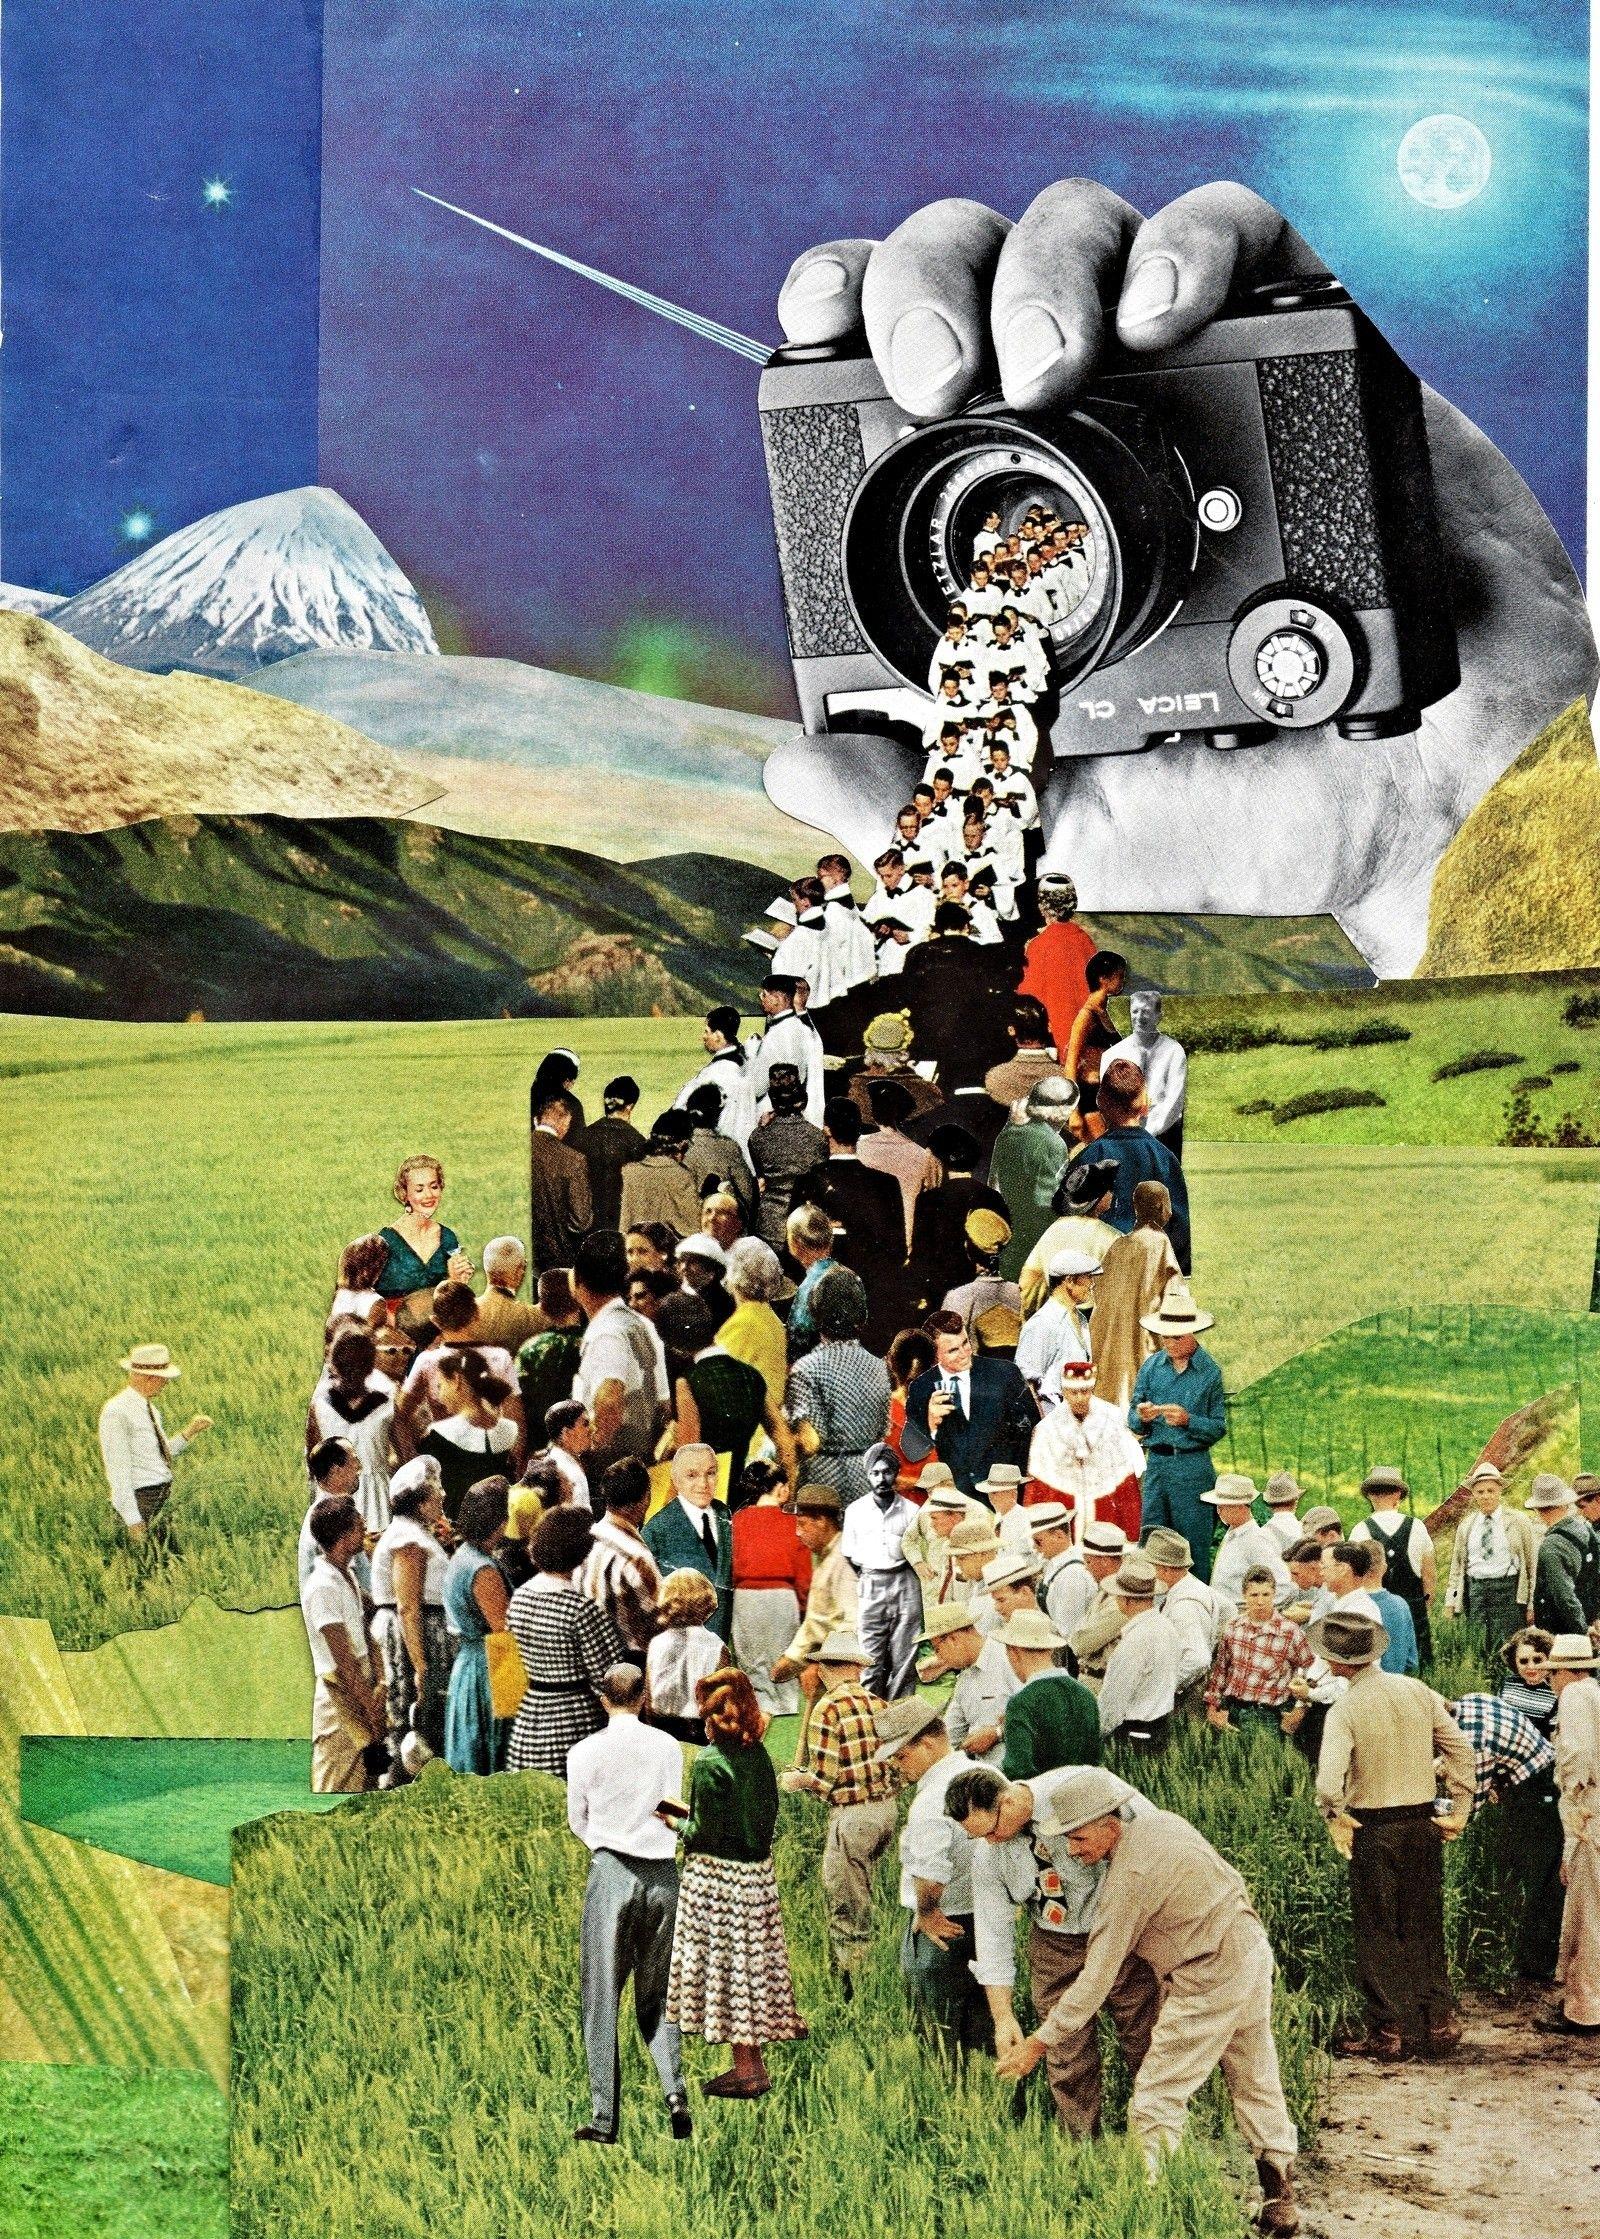 retro futuristic magazine collage art by ben giles collage